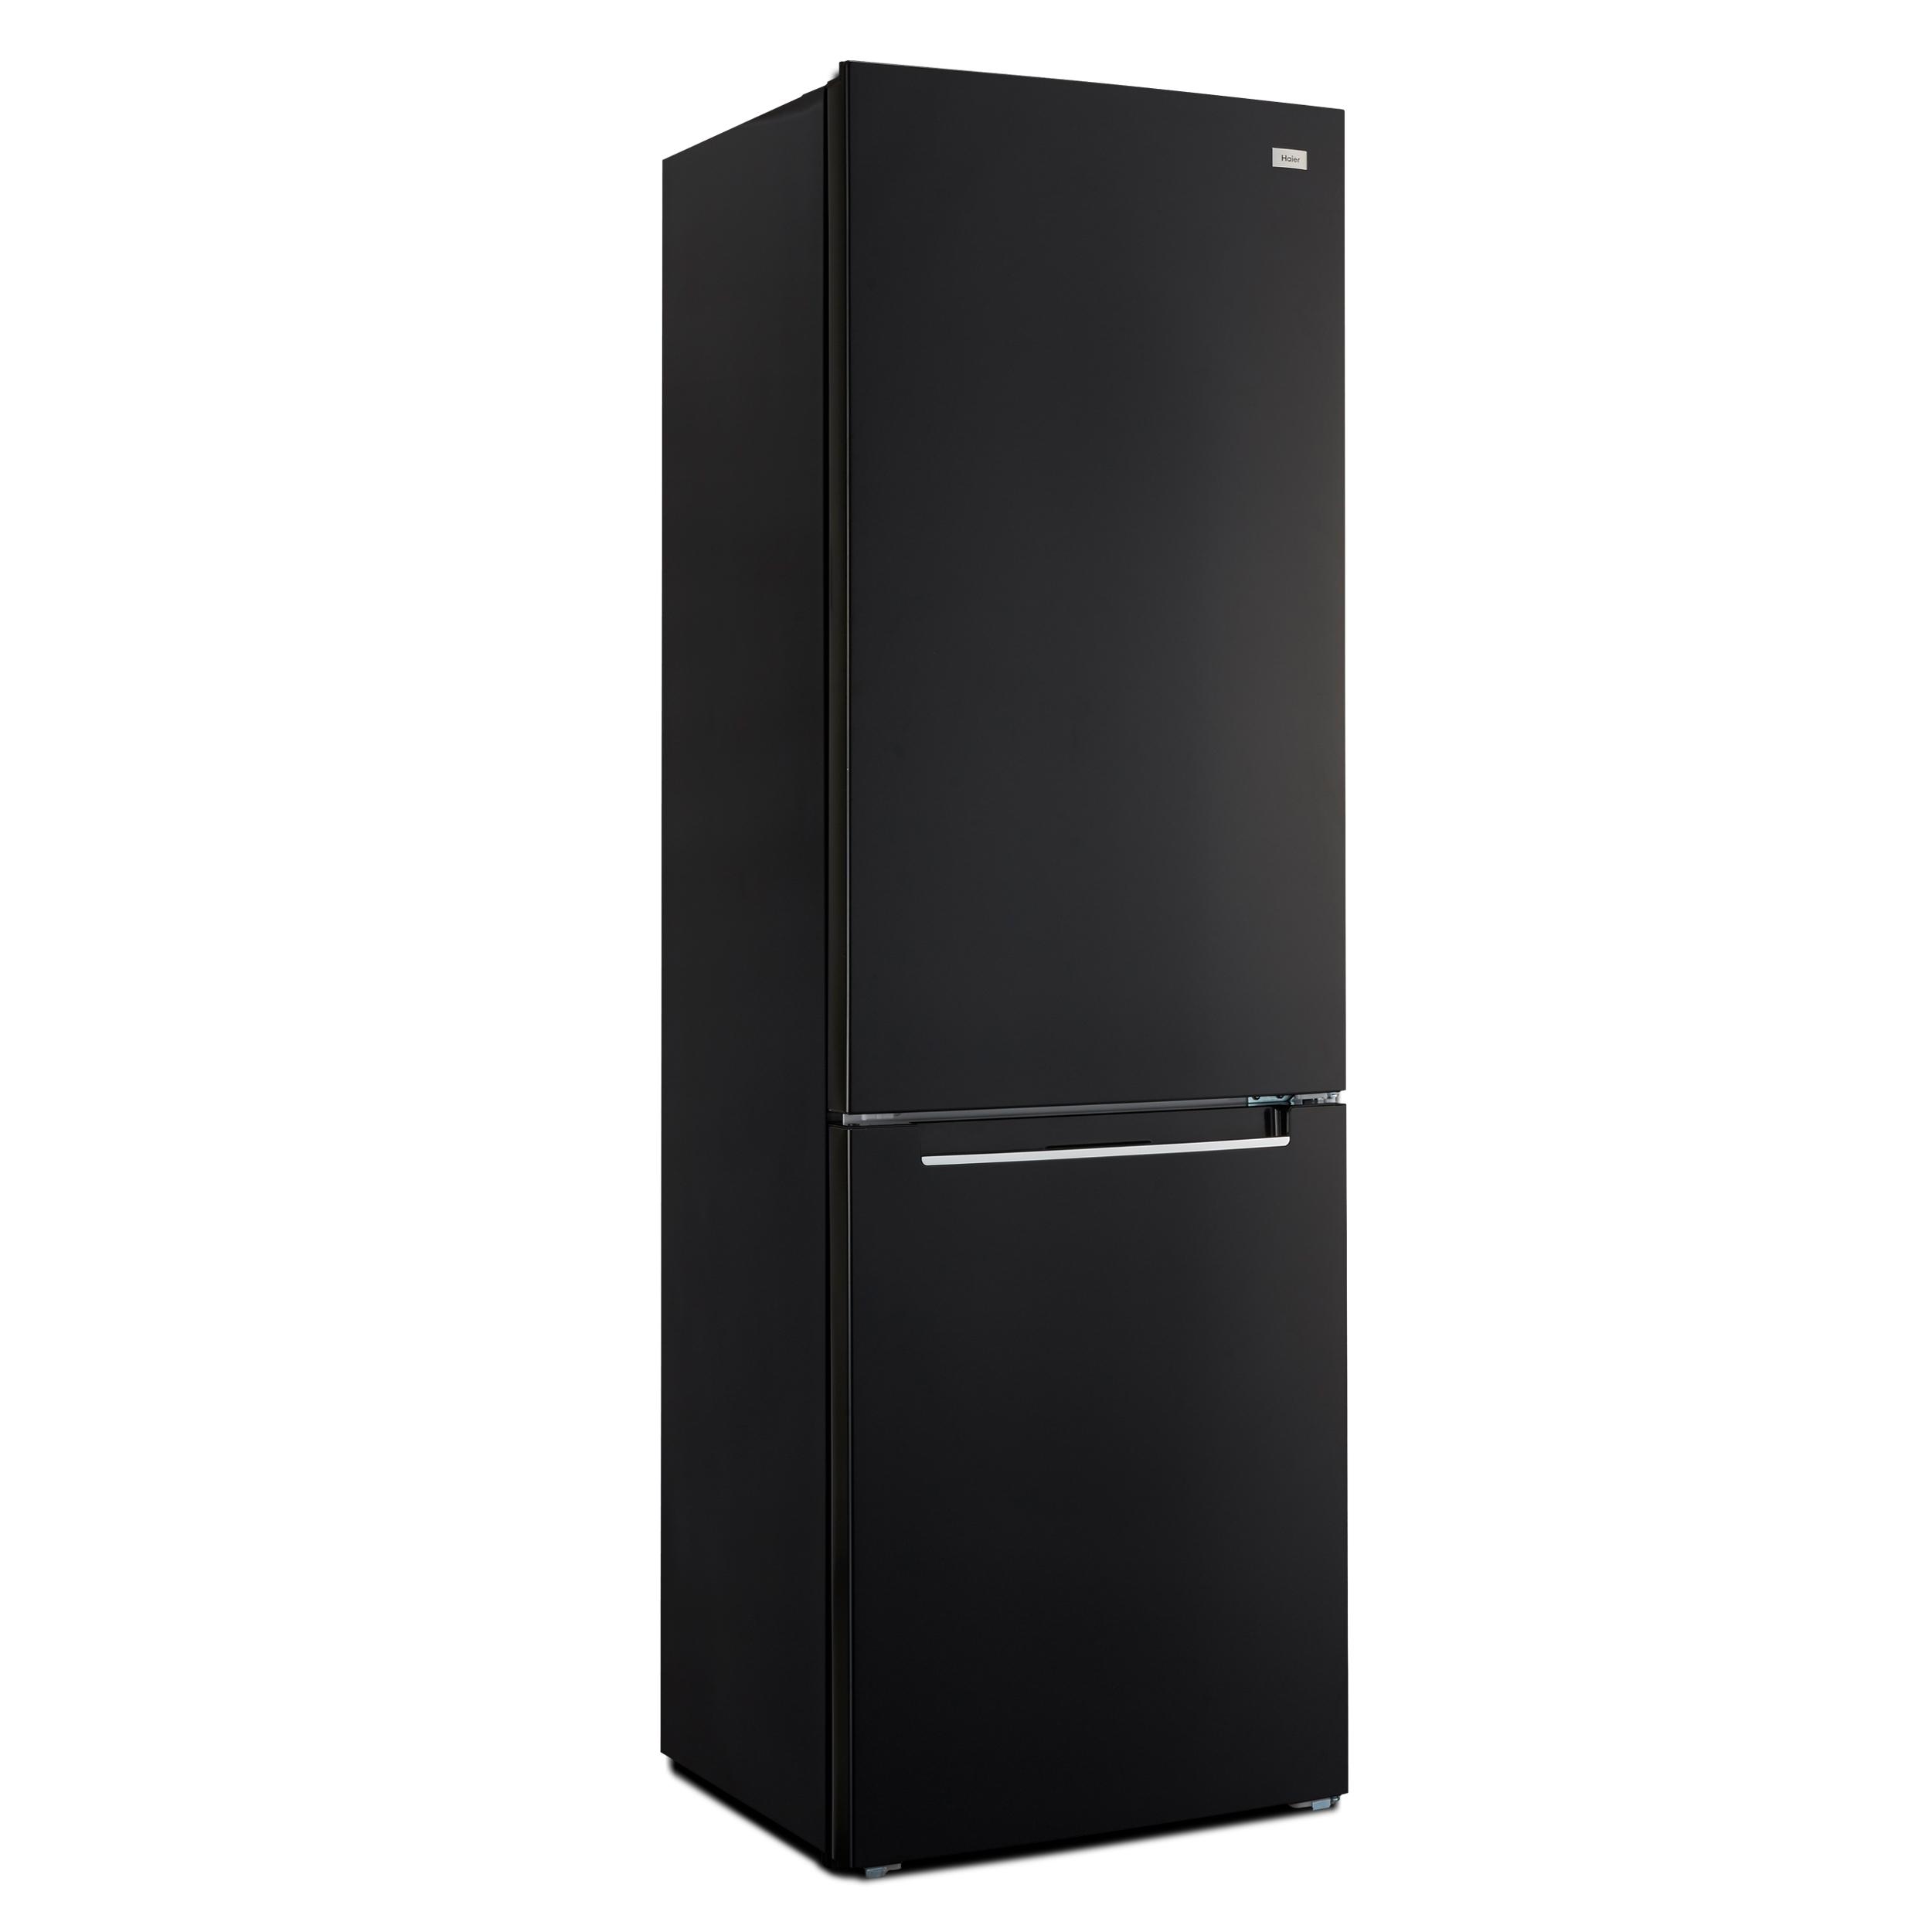 하이얼 콤비 냉장고 312L 방문설치, HRB325MDB(블랙)